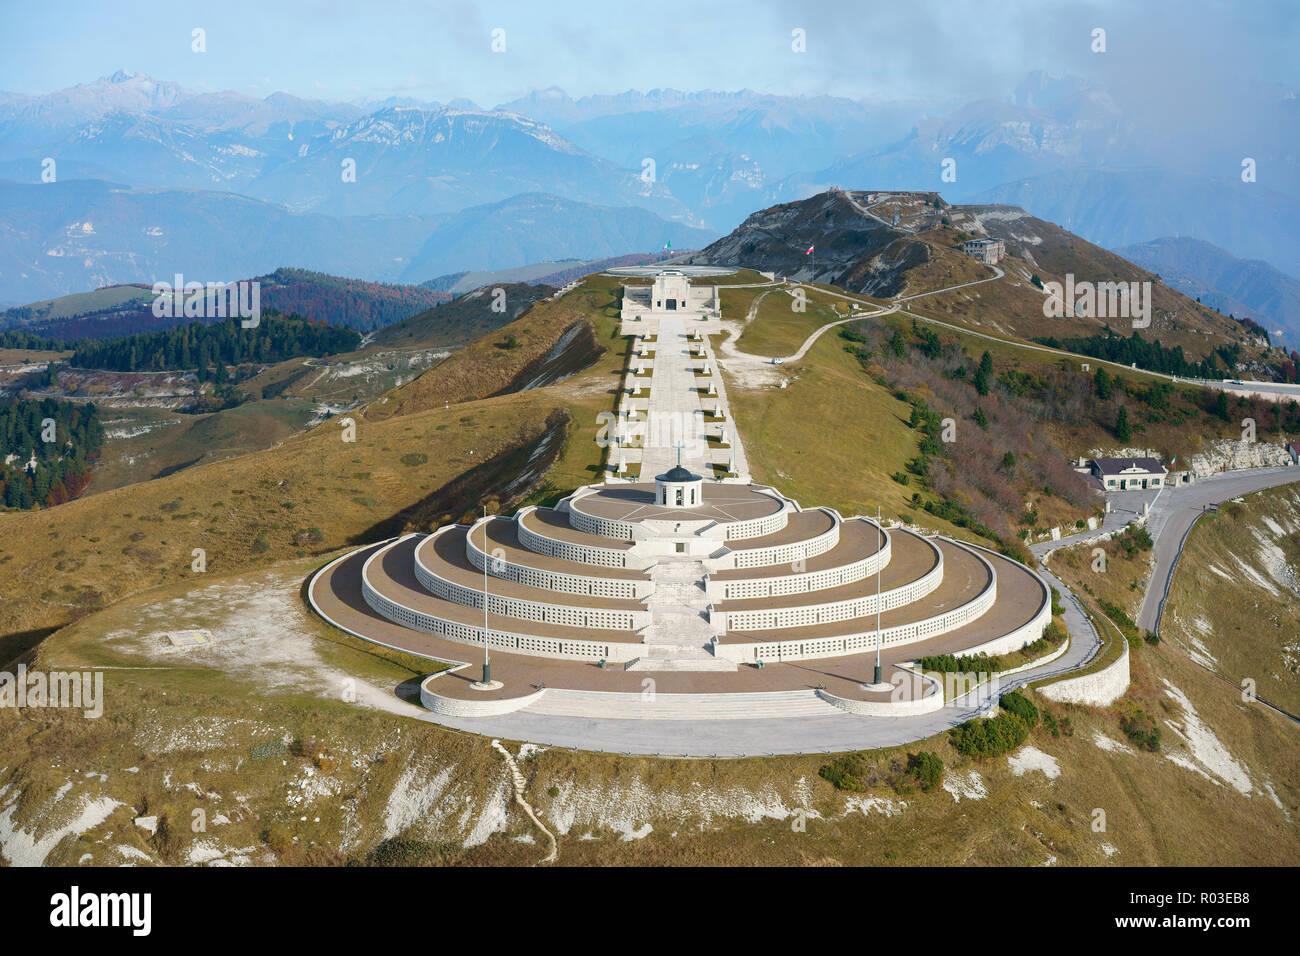 MEMORIAL EN EL ITALIANO - frente austríaco DURANTE LA GUERRA MUNDIAL UNO EN MONTE GRAPPA (altitud: 1775m) (vista aérea). Crespano del Grappa, Veneto, Italia. Foto de stock